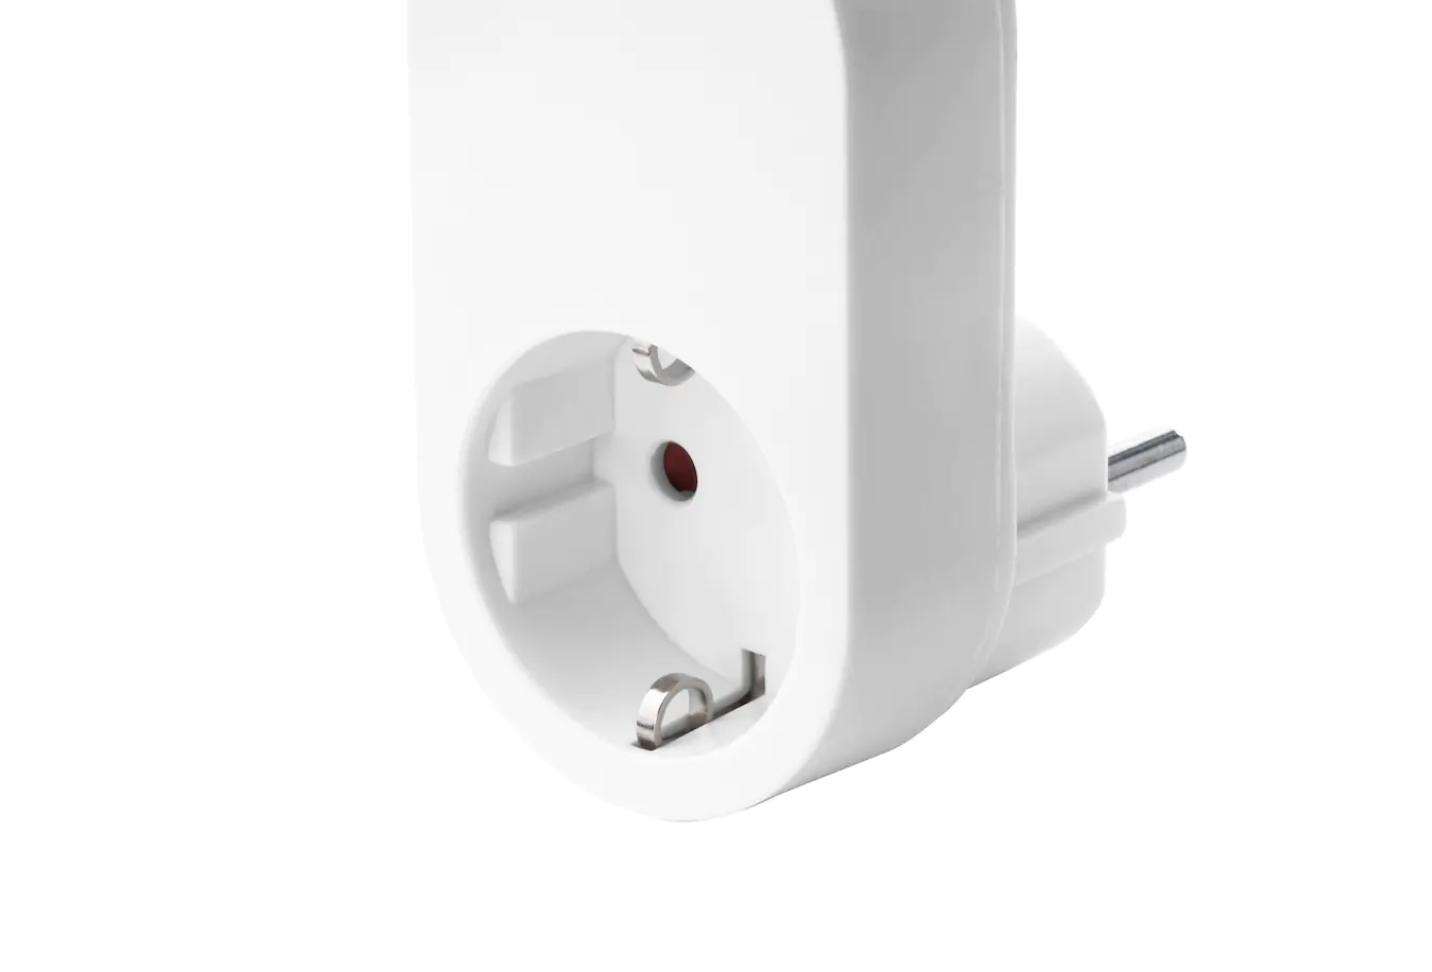 Nå fungerer Ikea med Apple ITavisen